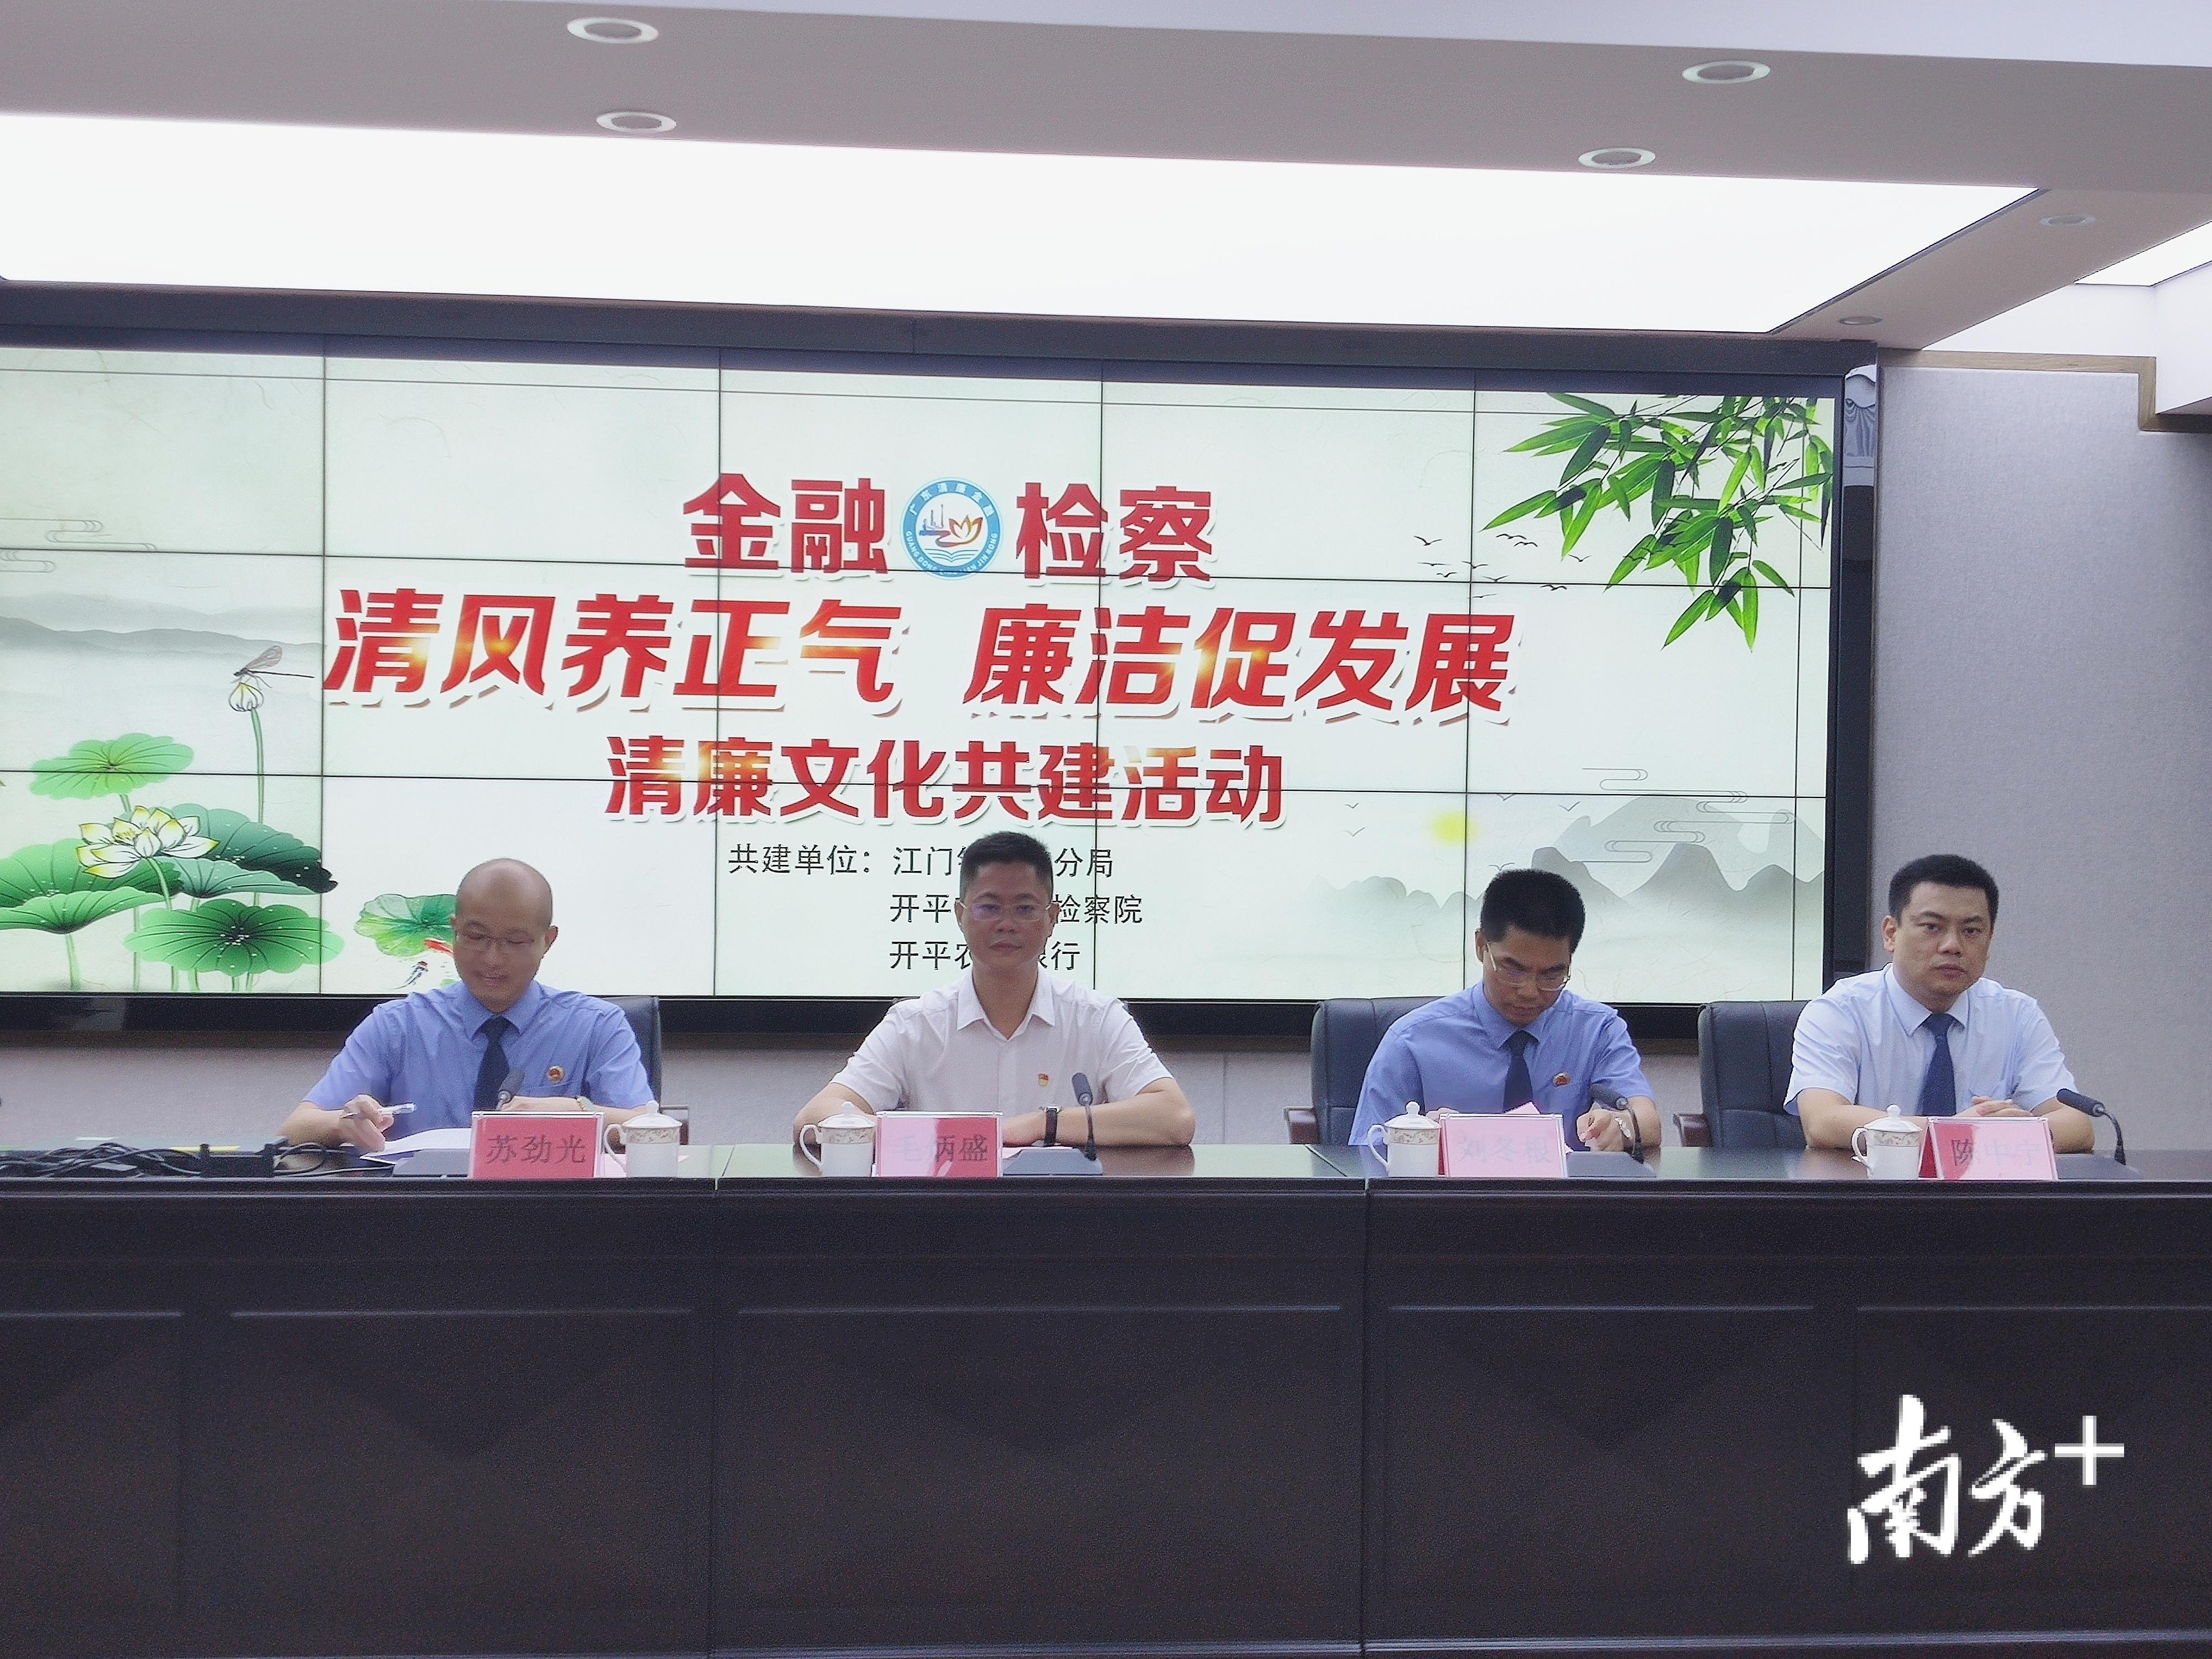 江门银保监分局、开平市人民检察院、开平农商银行共同举行清廉文化共建活动。